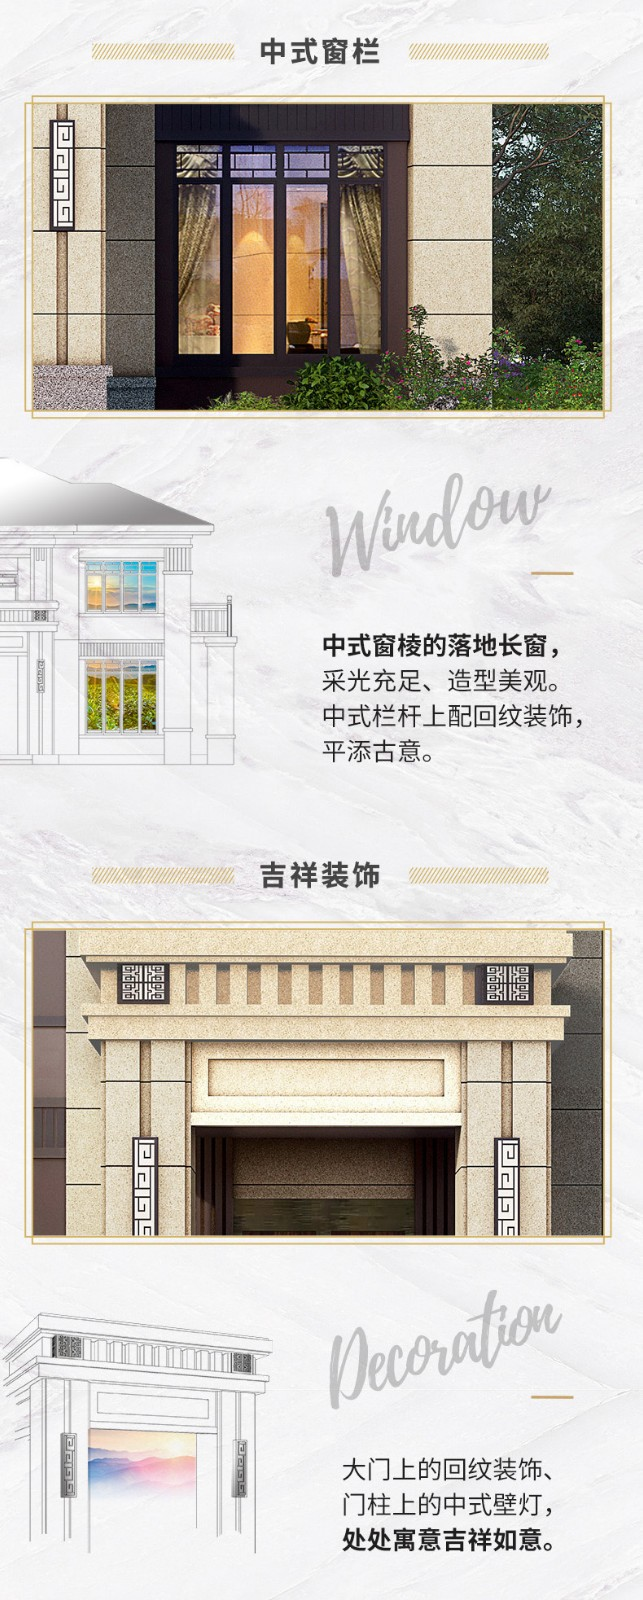 新中式雅韵院墅系列·尊享款Z3Pro